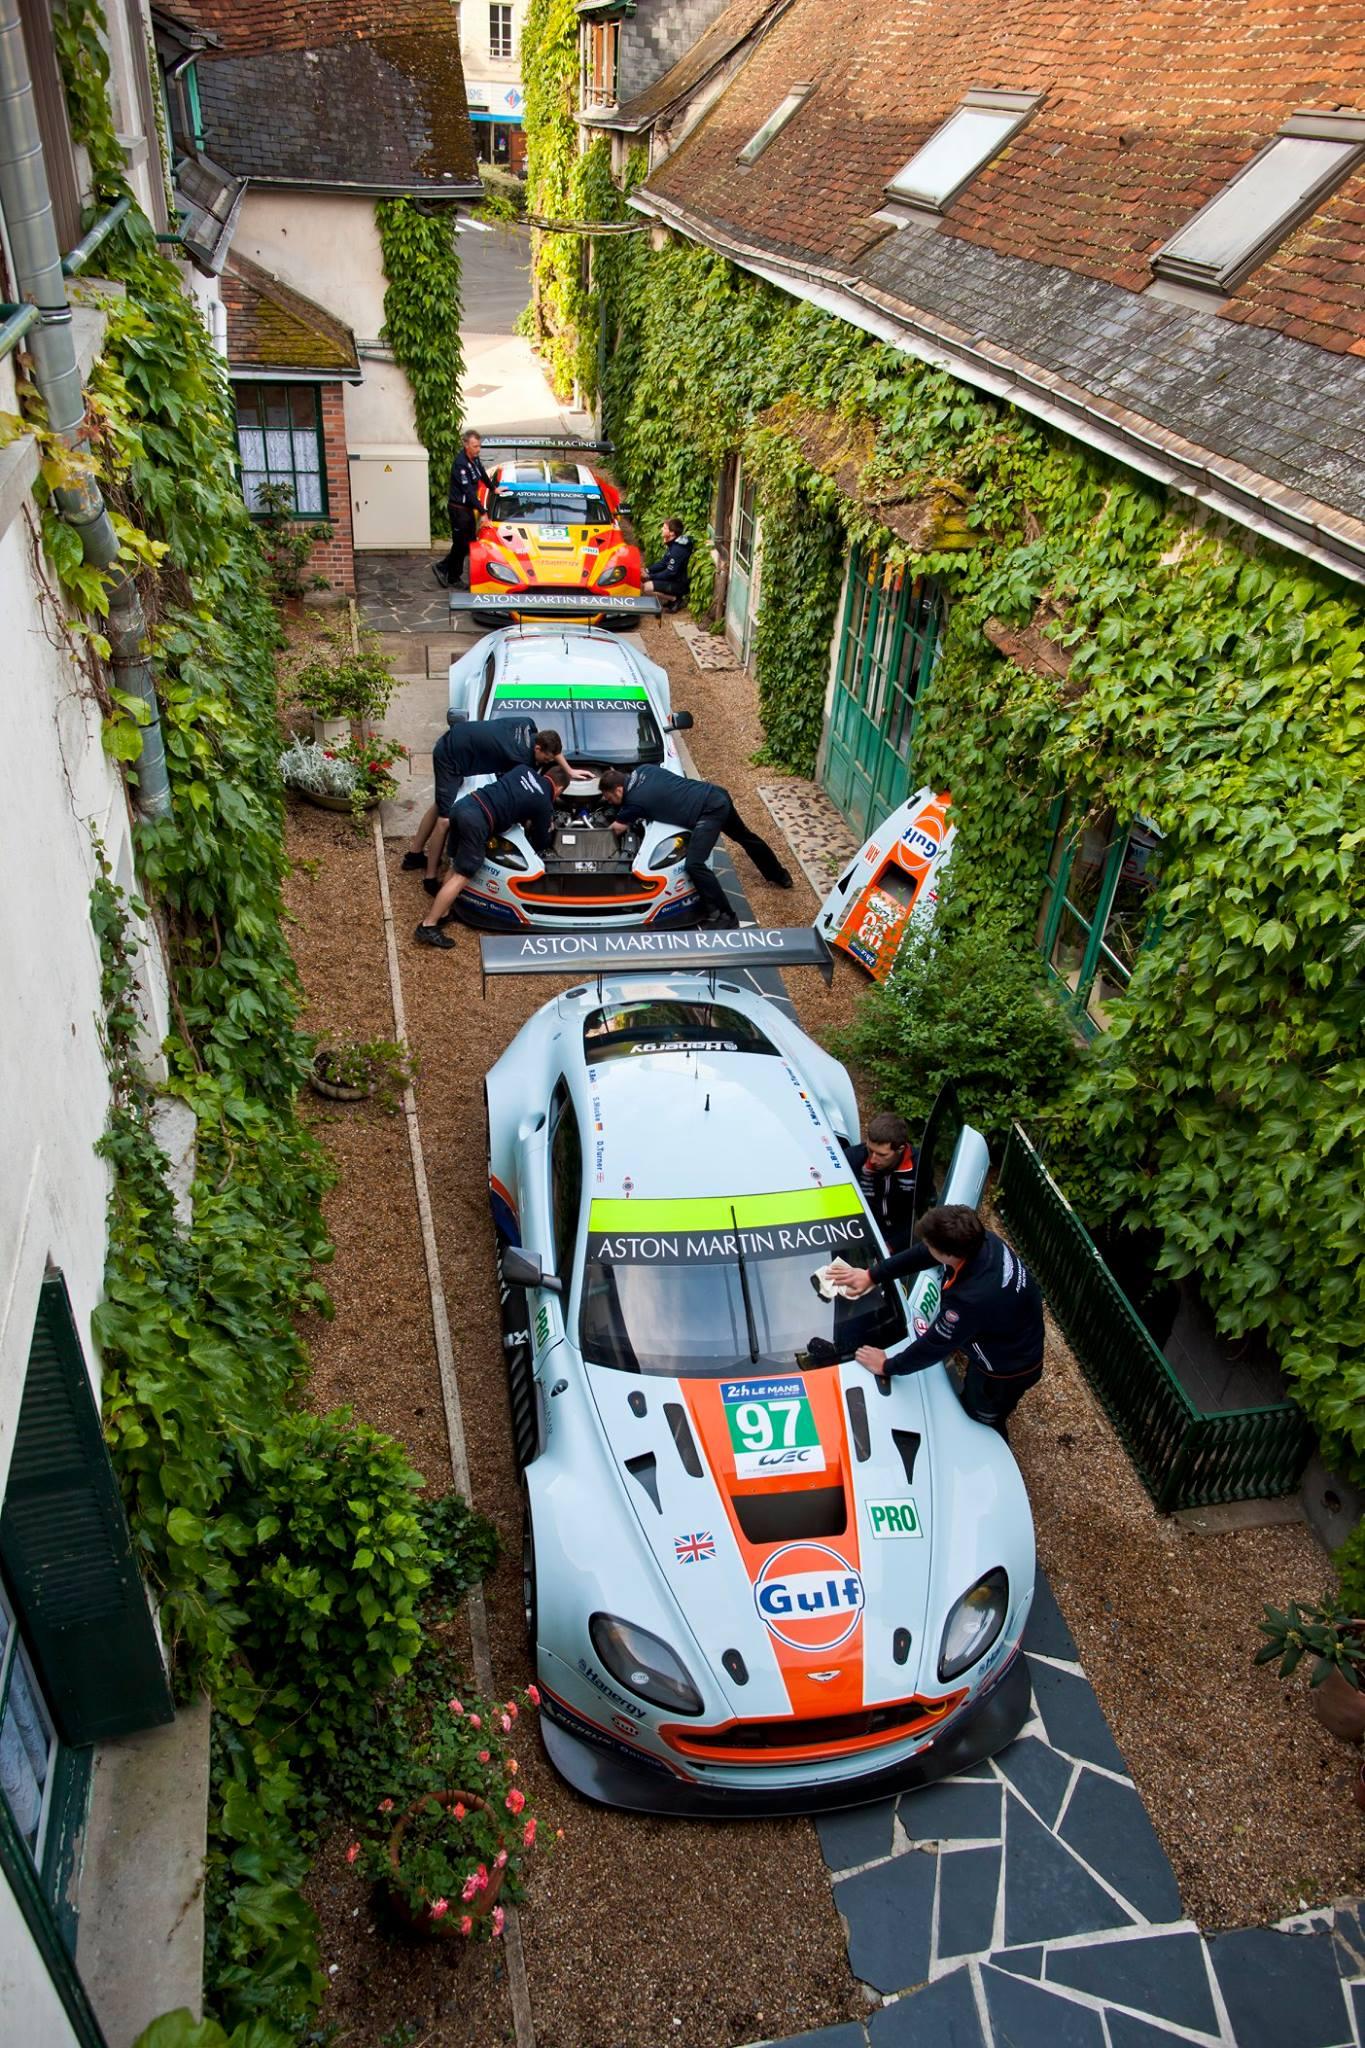 Le Mans - Aston Martin Hôtel de France La Chartre-sur-le-Loir - 03